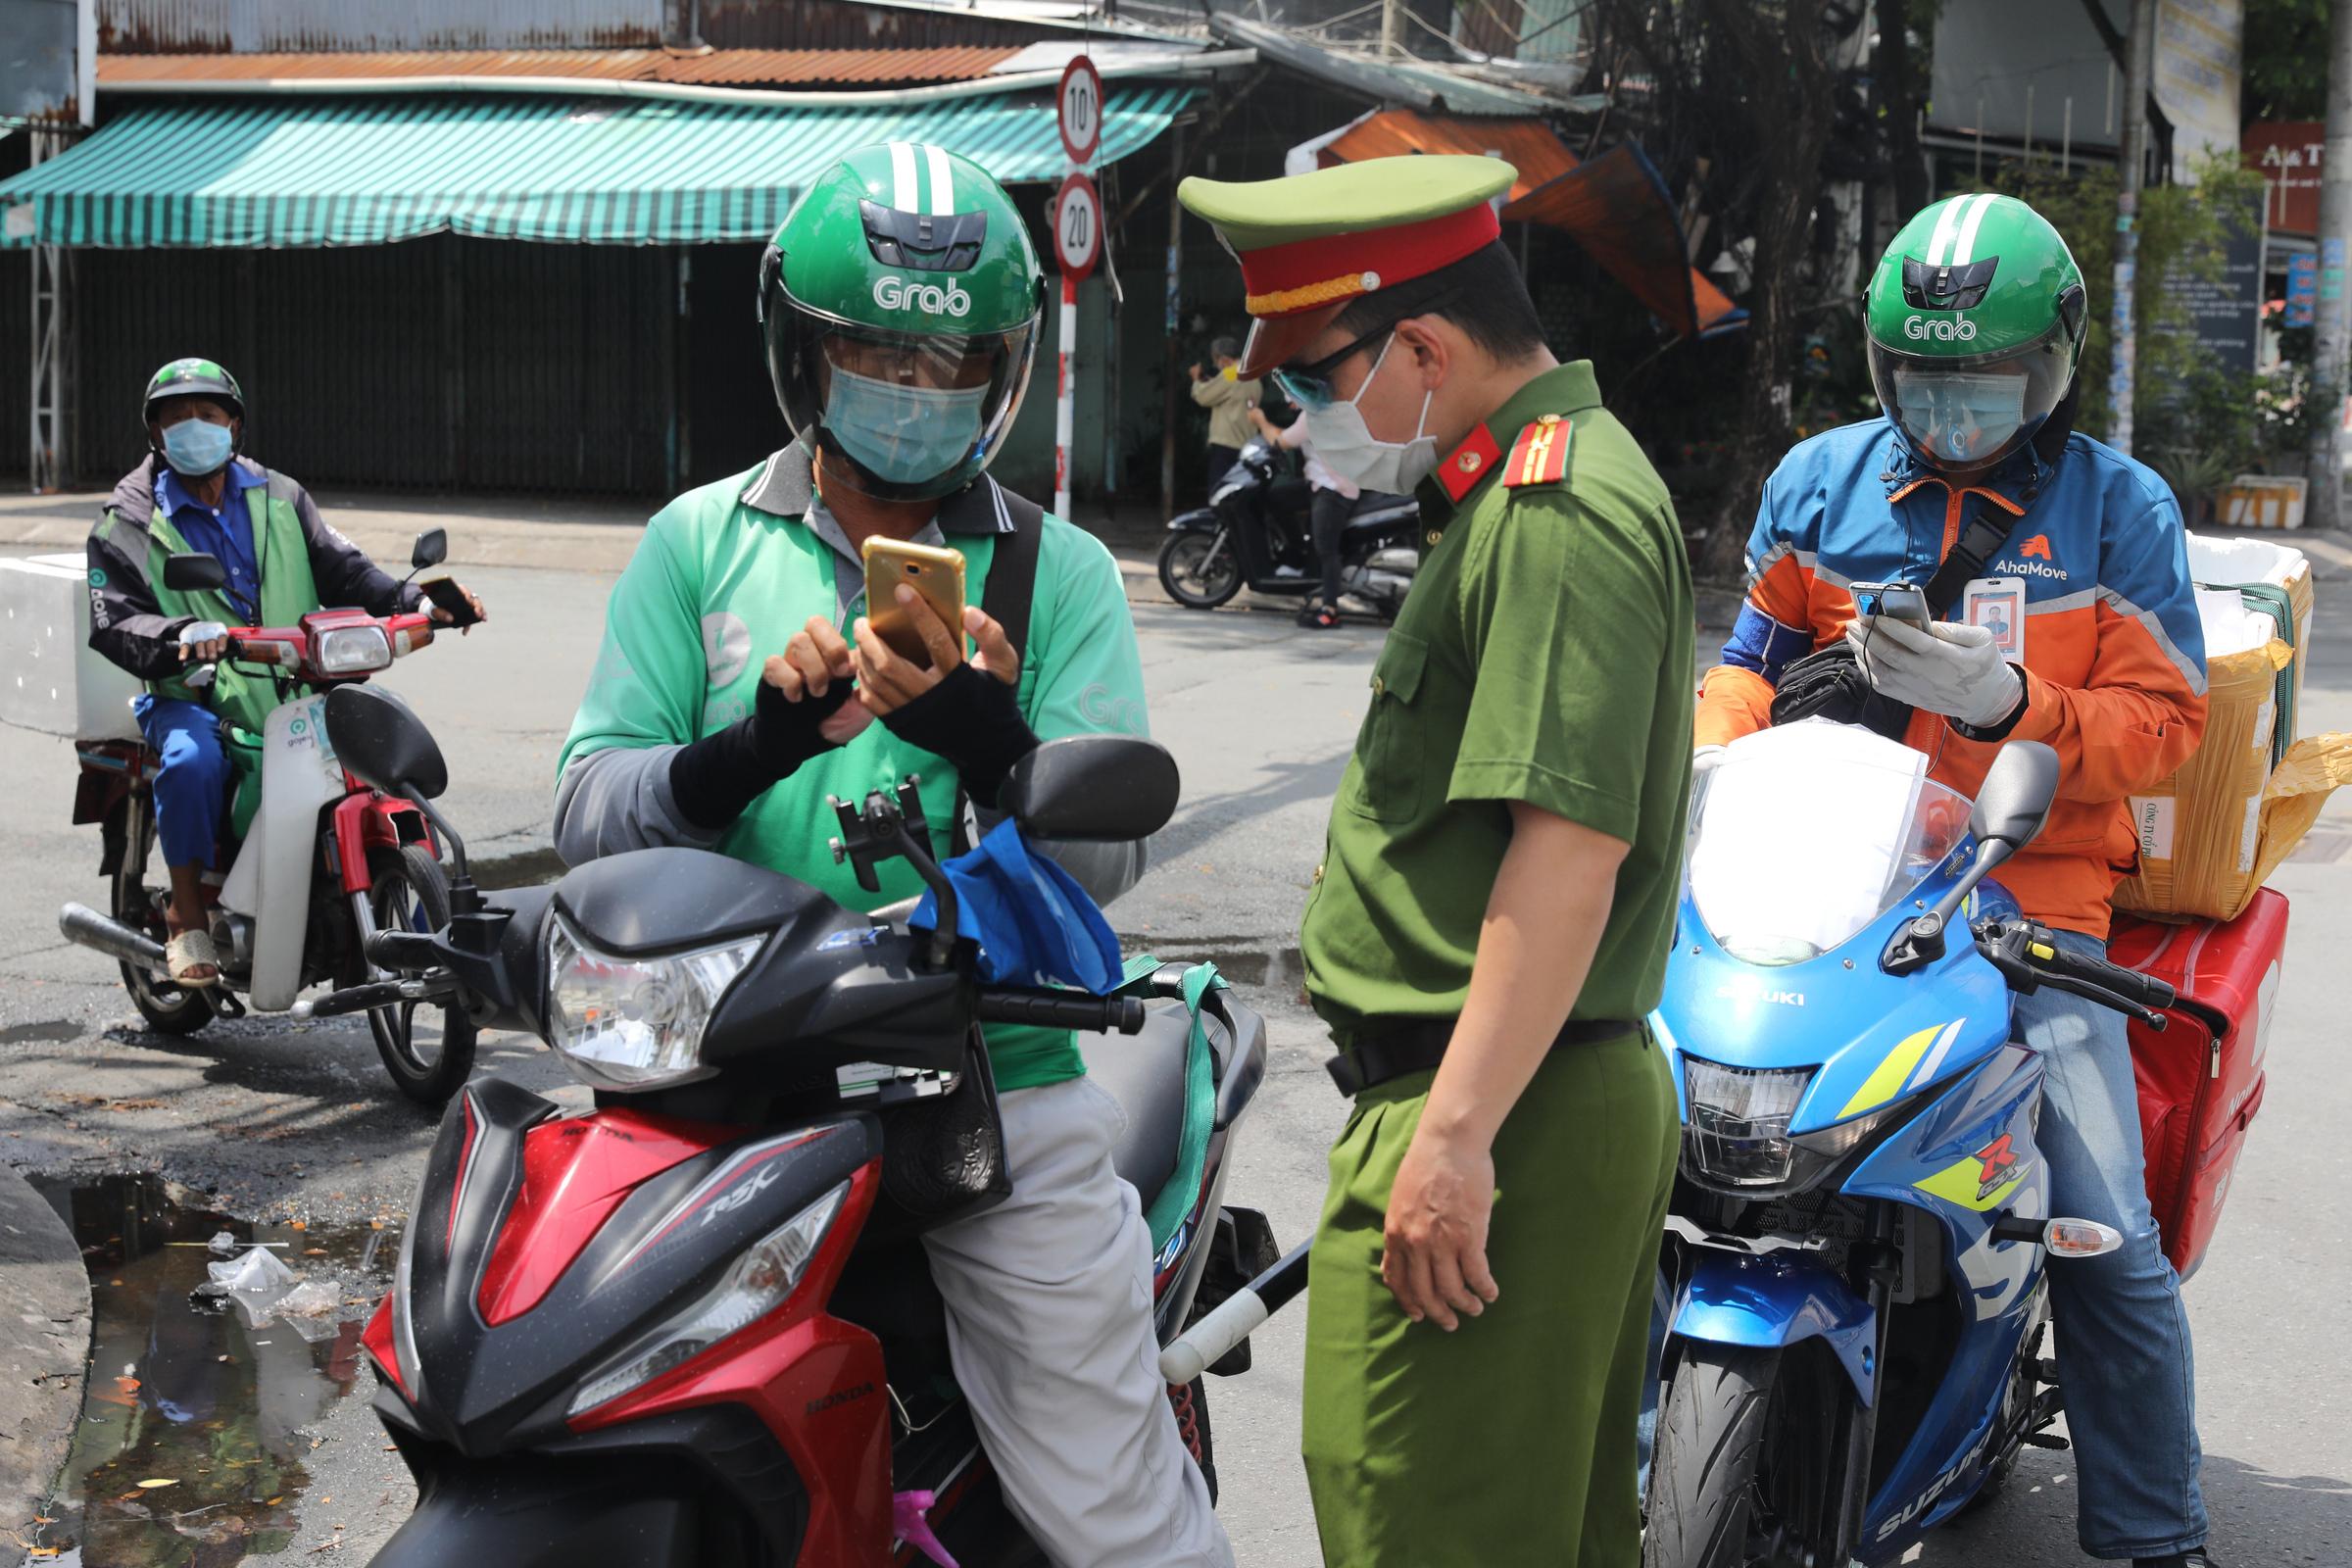 Cán bộ trực chốt đang kiểm tra shipper hoạt động tại quận 7, ngày 16/9. Ảnh: Quỳnh Trần